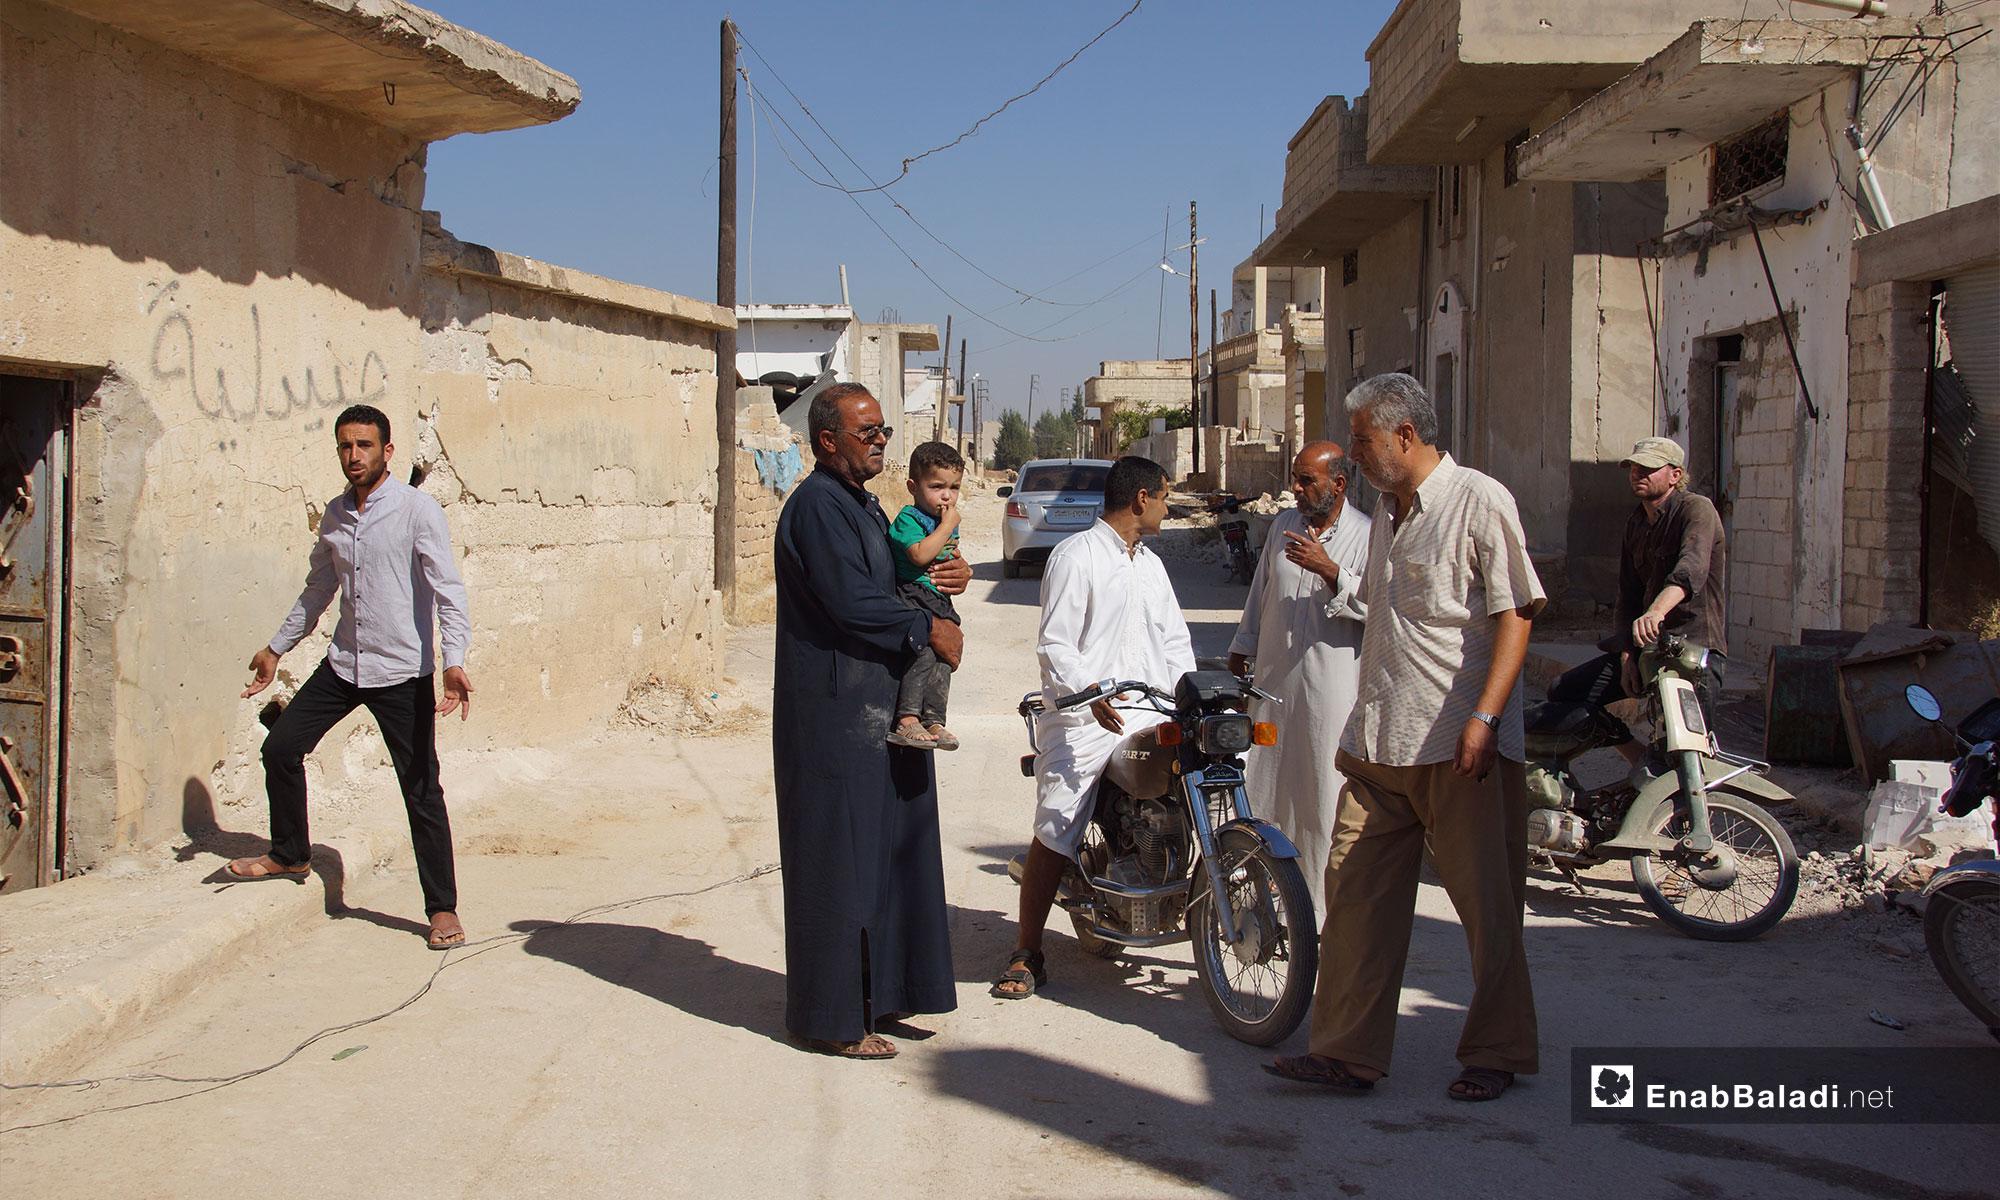 عودة الأهالي إلى مدينة اللطامنة وترميم منازلهم في ريف حماة الشمالي - 25 من أيلول 2018 (عنب بلدي)